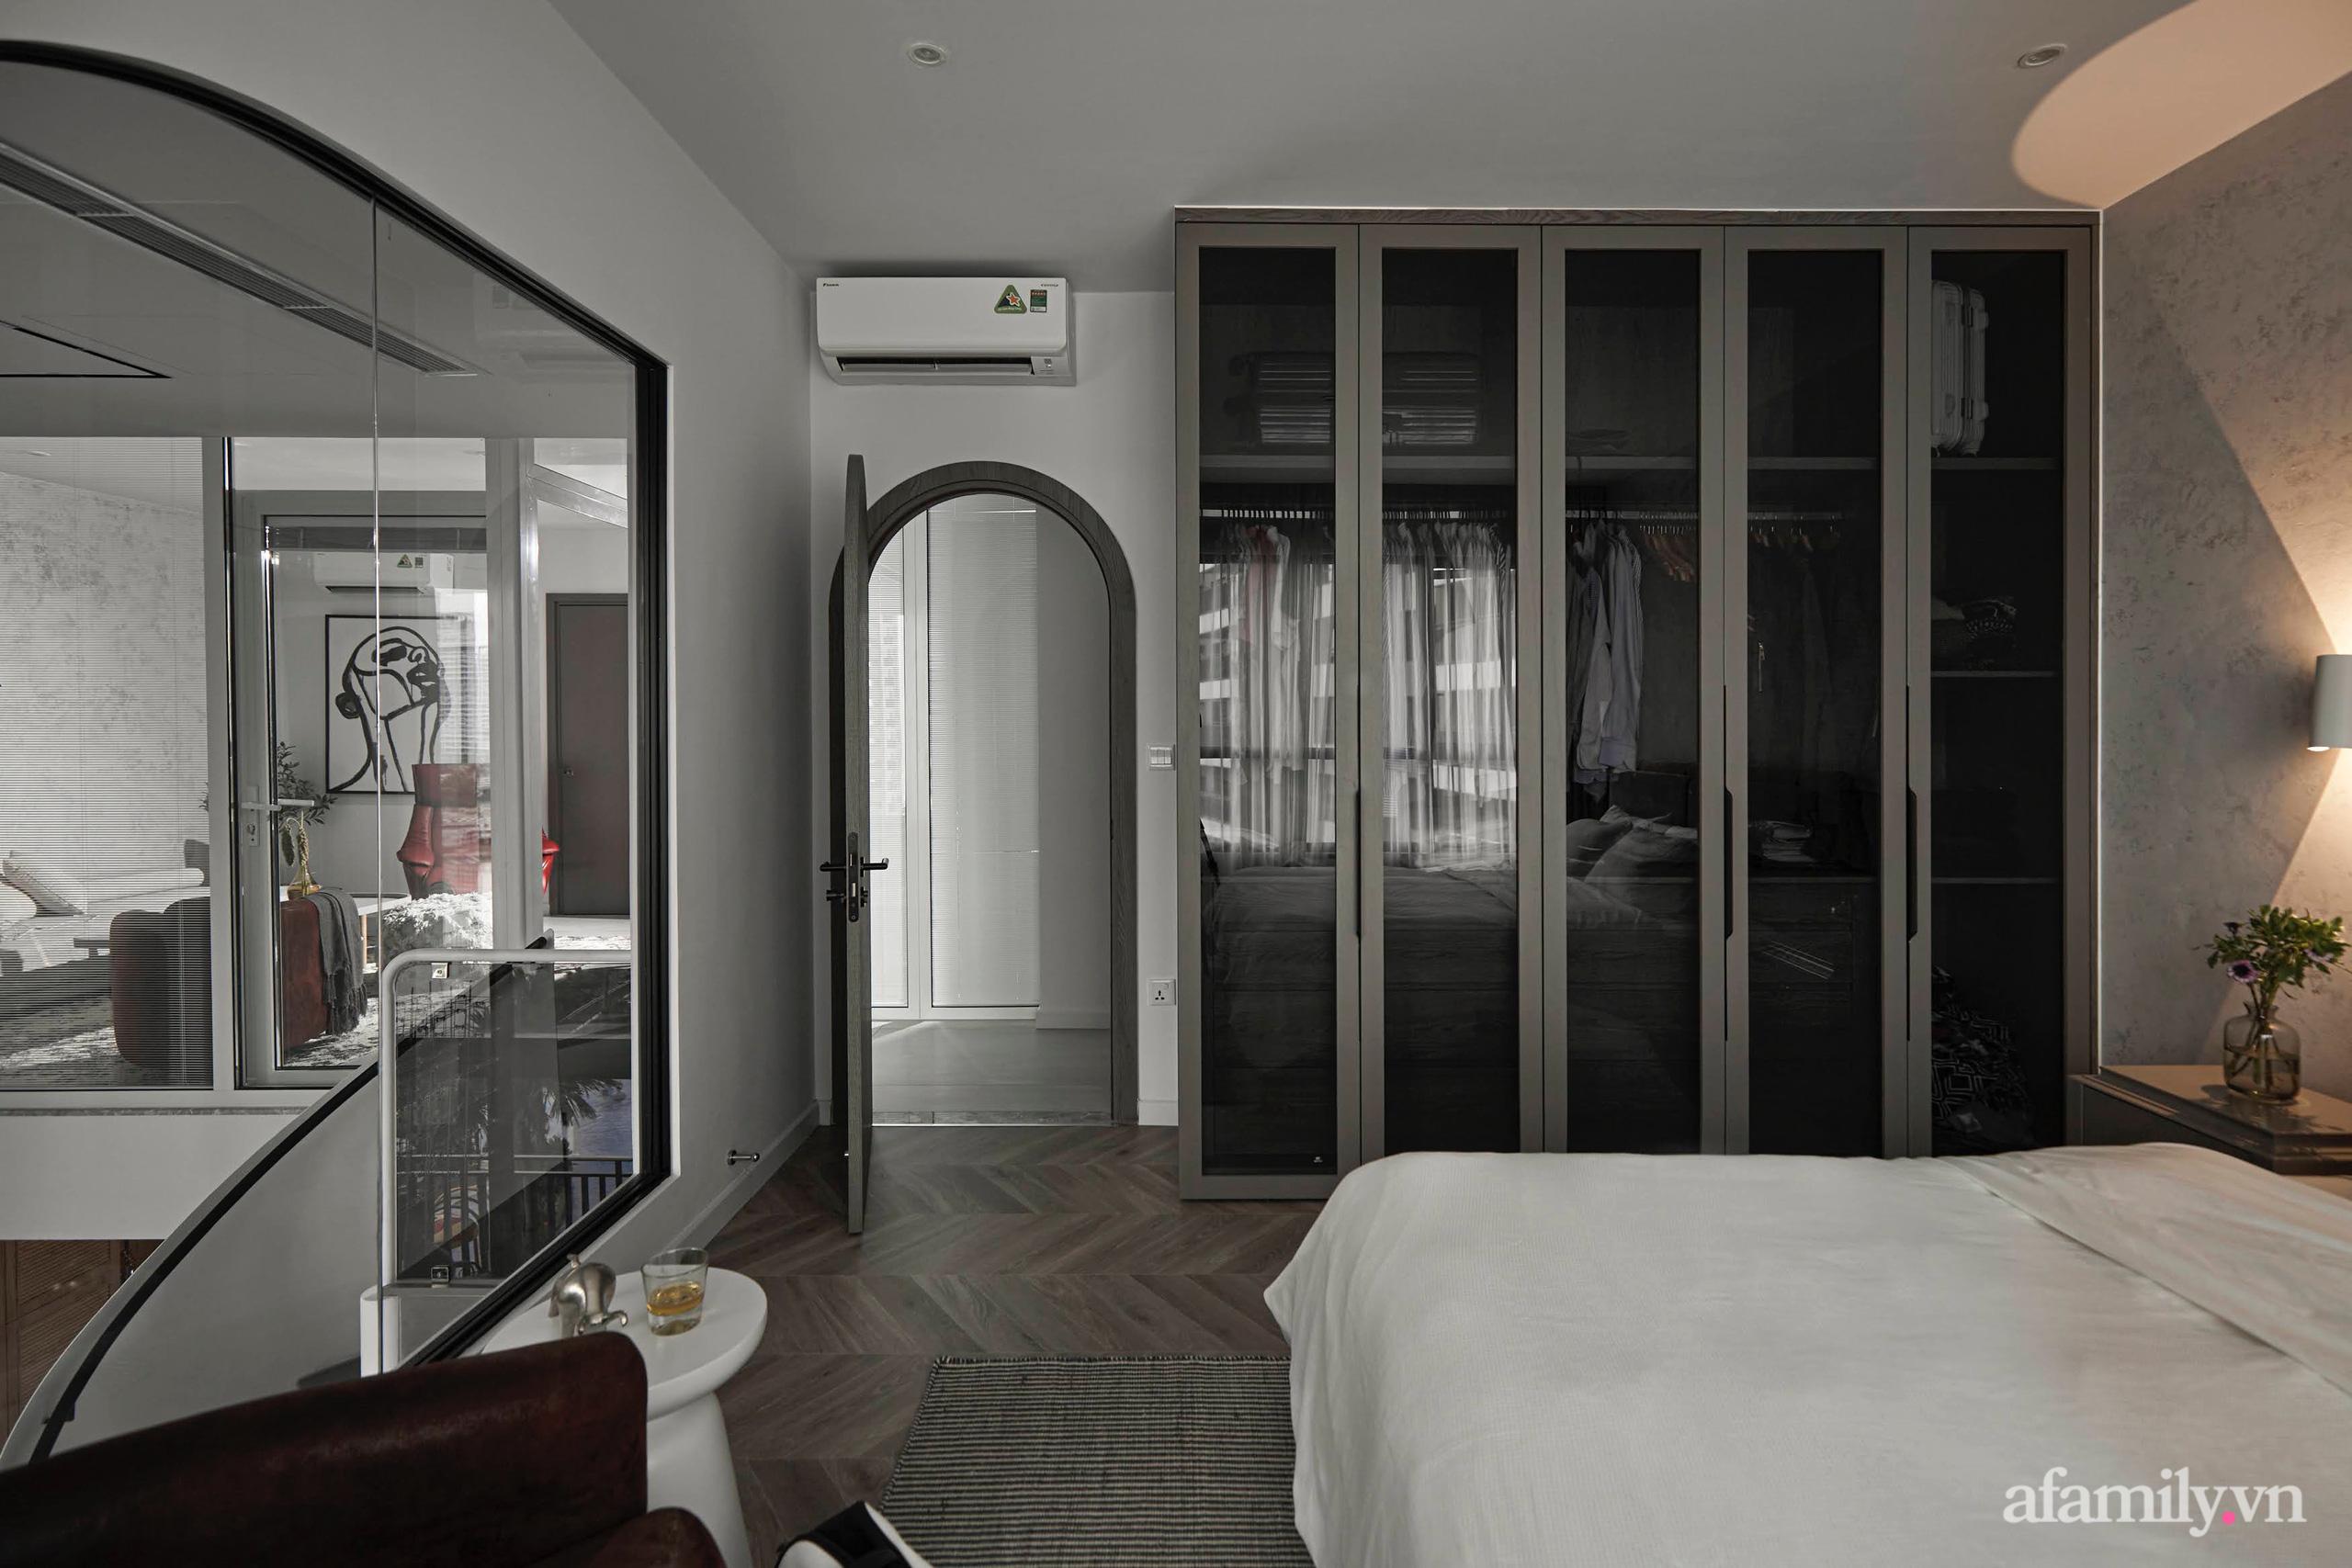 Căn hộ 2 tầng rộng 145m² đẹp sang trọng với điểm nhấn mộc mạc từ chất liệu bê tông ở Sài Gòn - Ảnh 13.